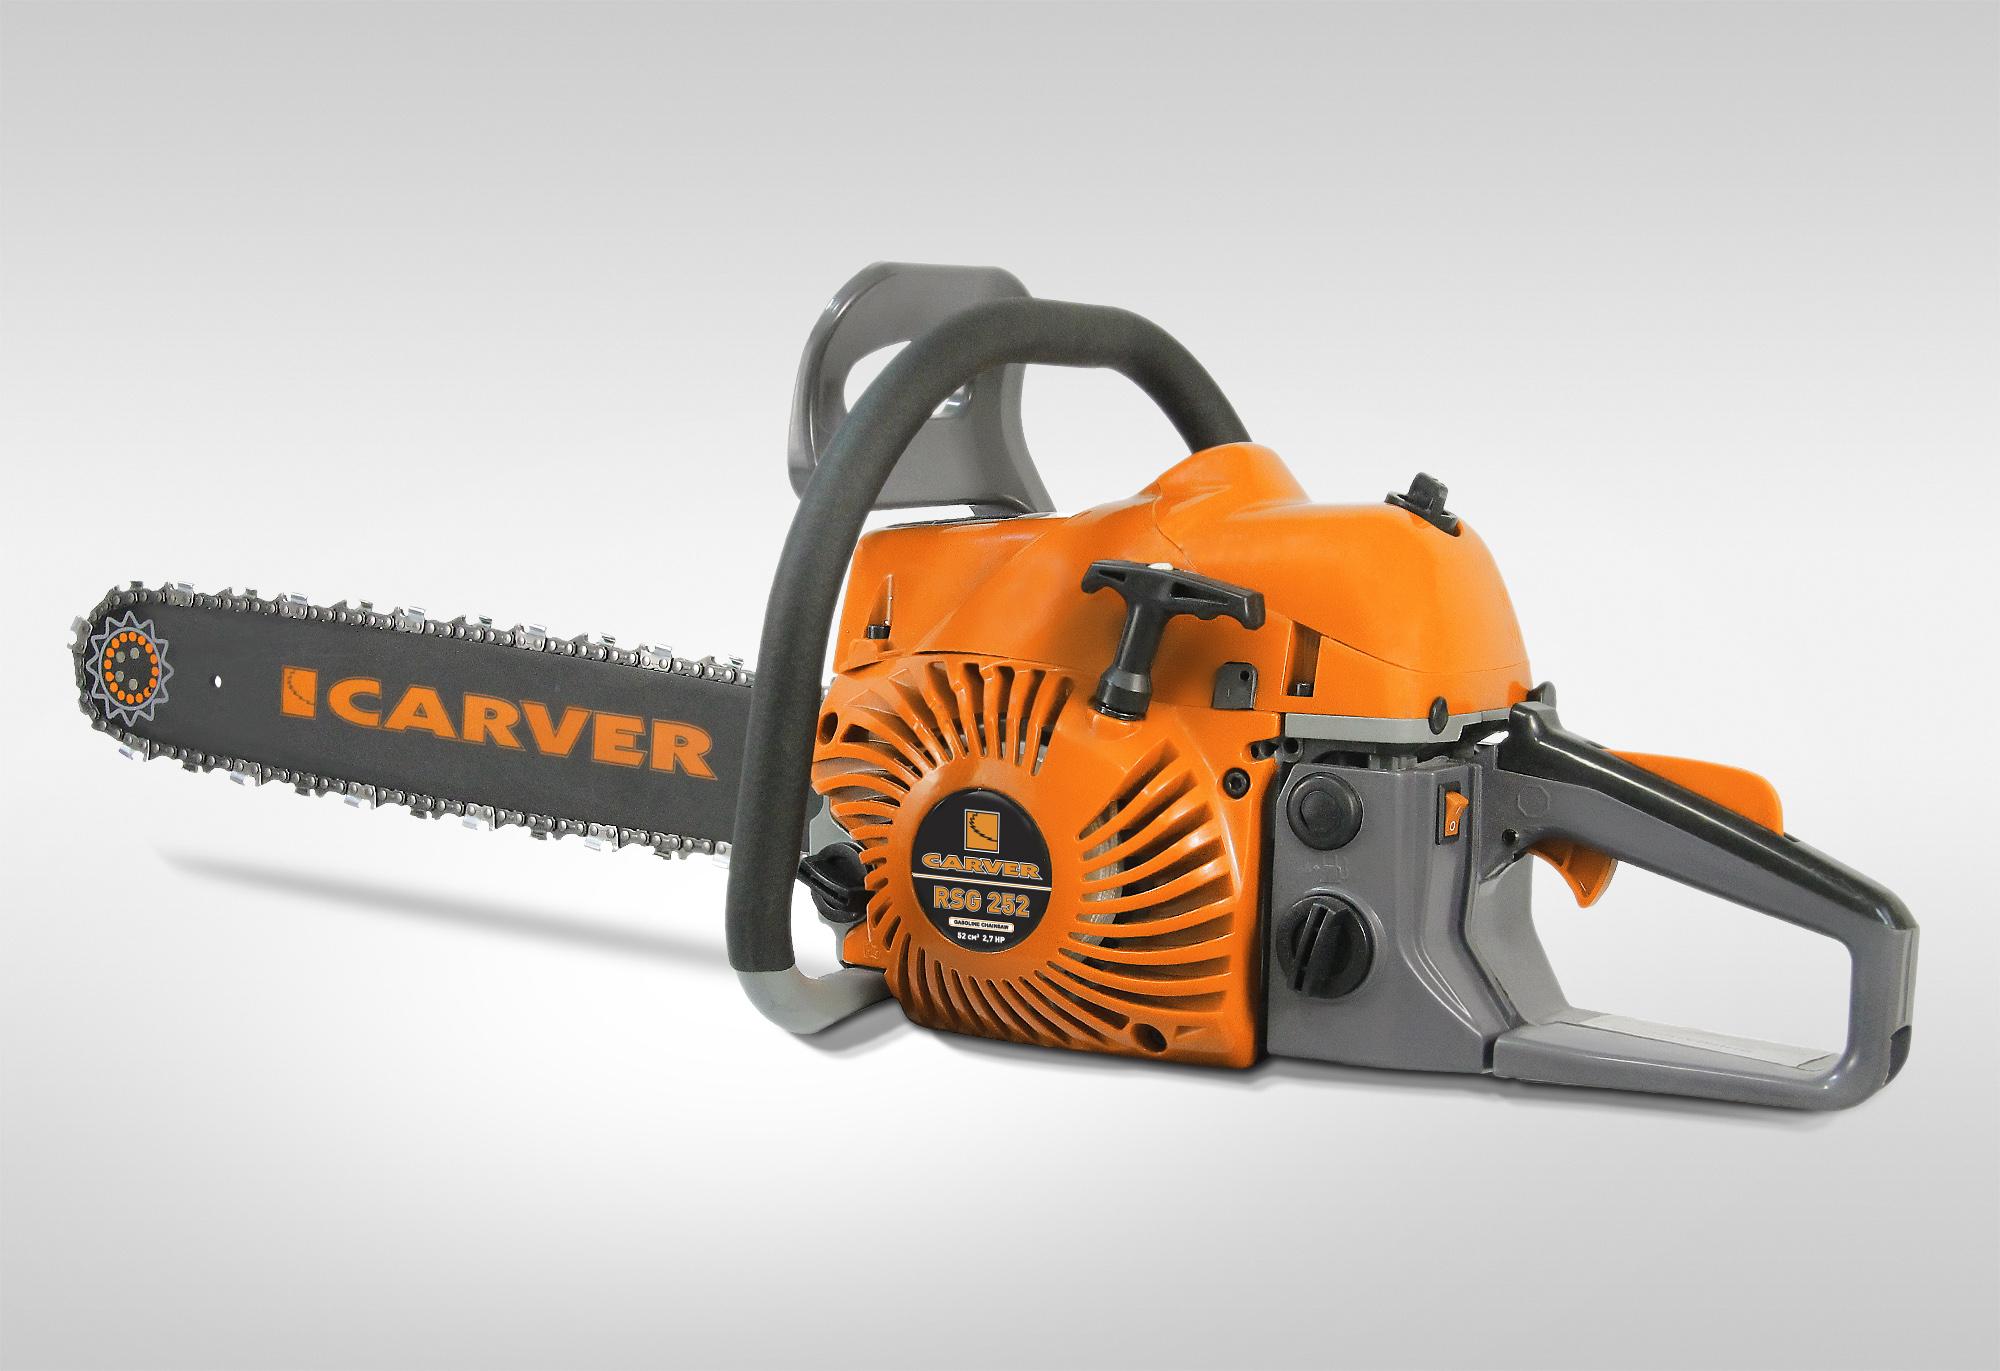 carver-rsg-252